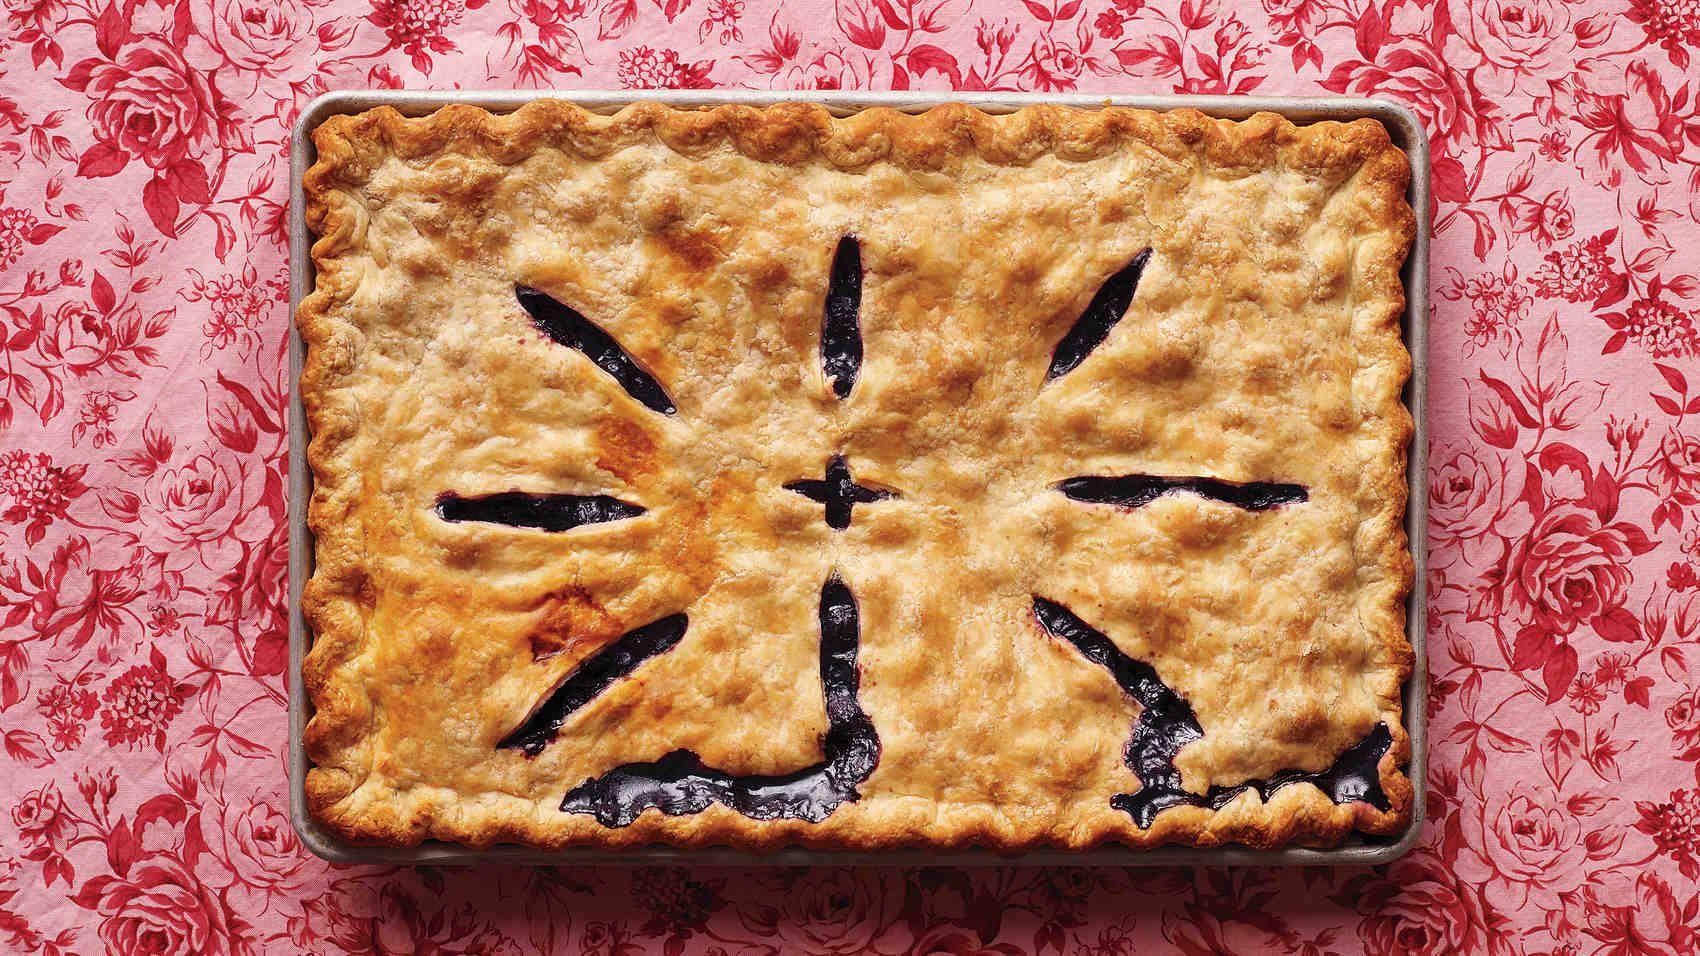 Martha Stewart Recipes Diy Home Decor Crafts Slab Pie Blueberry Slab Pie Recipe Slab Pie Recipes